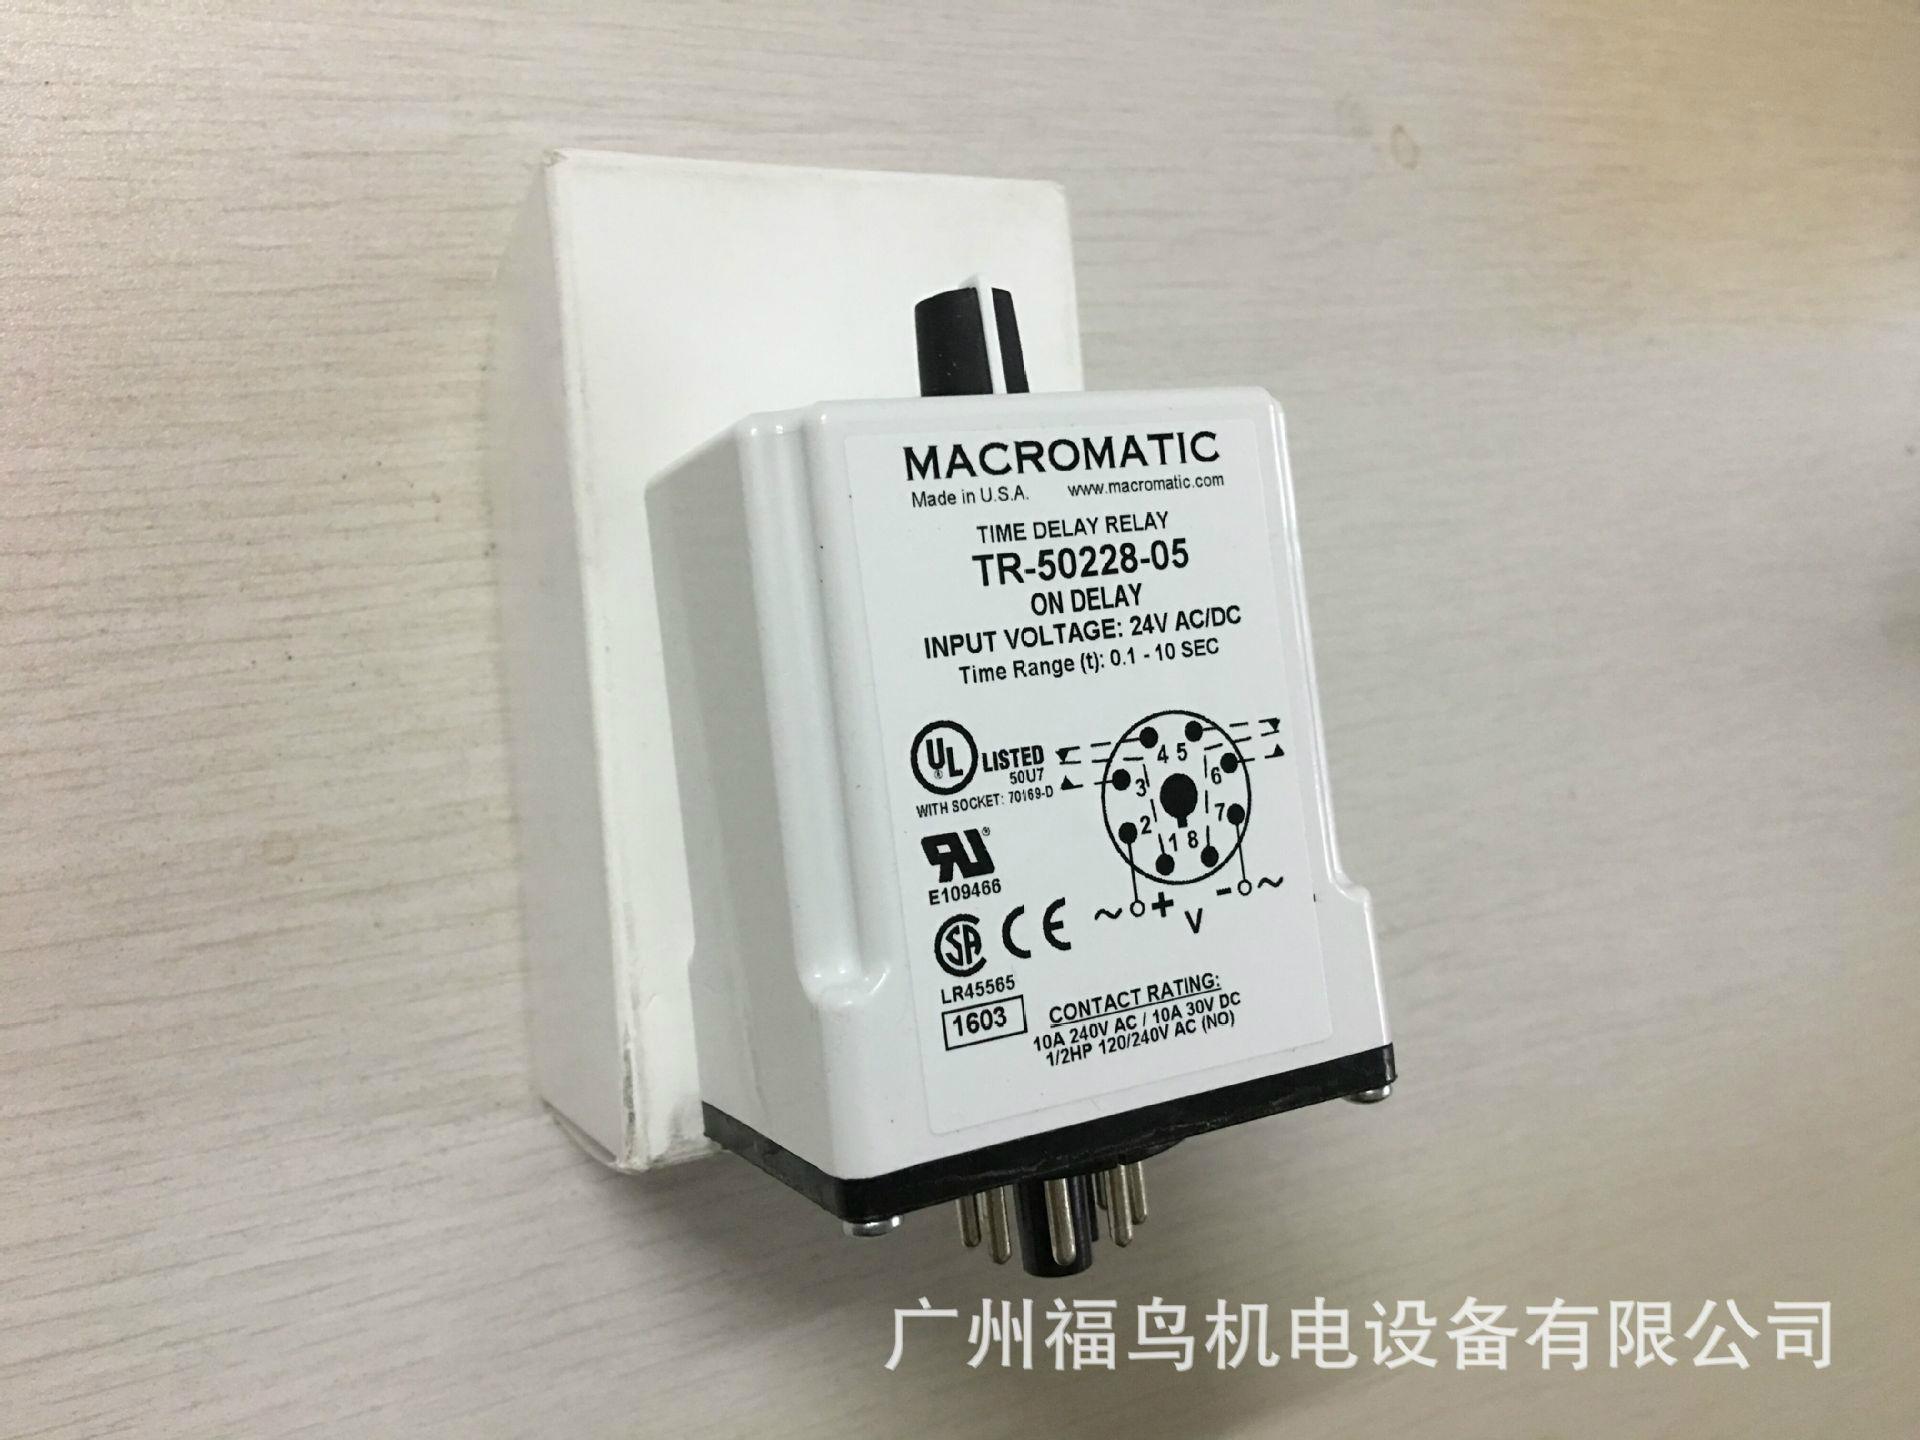 现货供应MACROMATIC时间继电器(TR-50228-05) 7